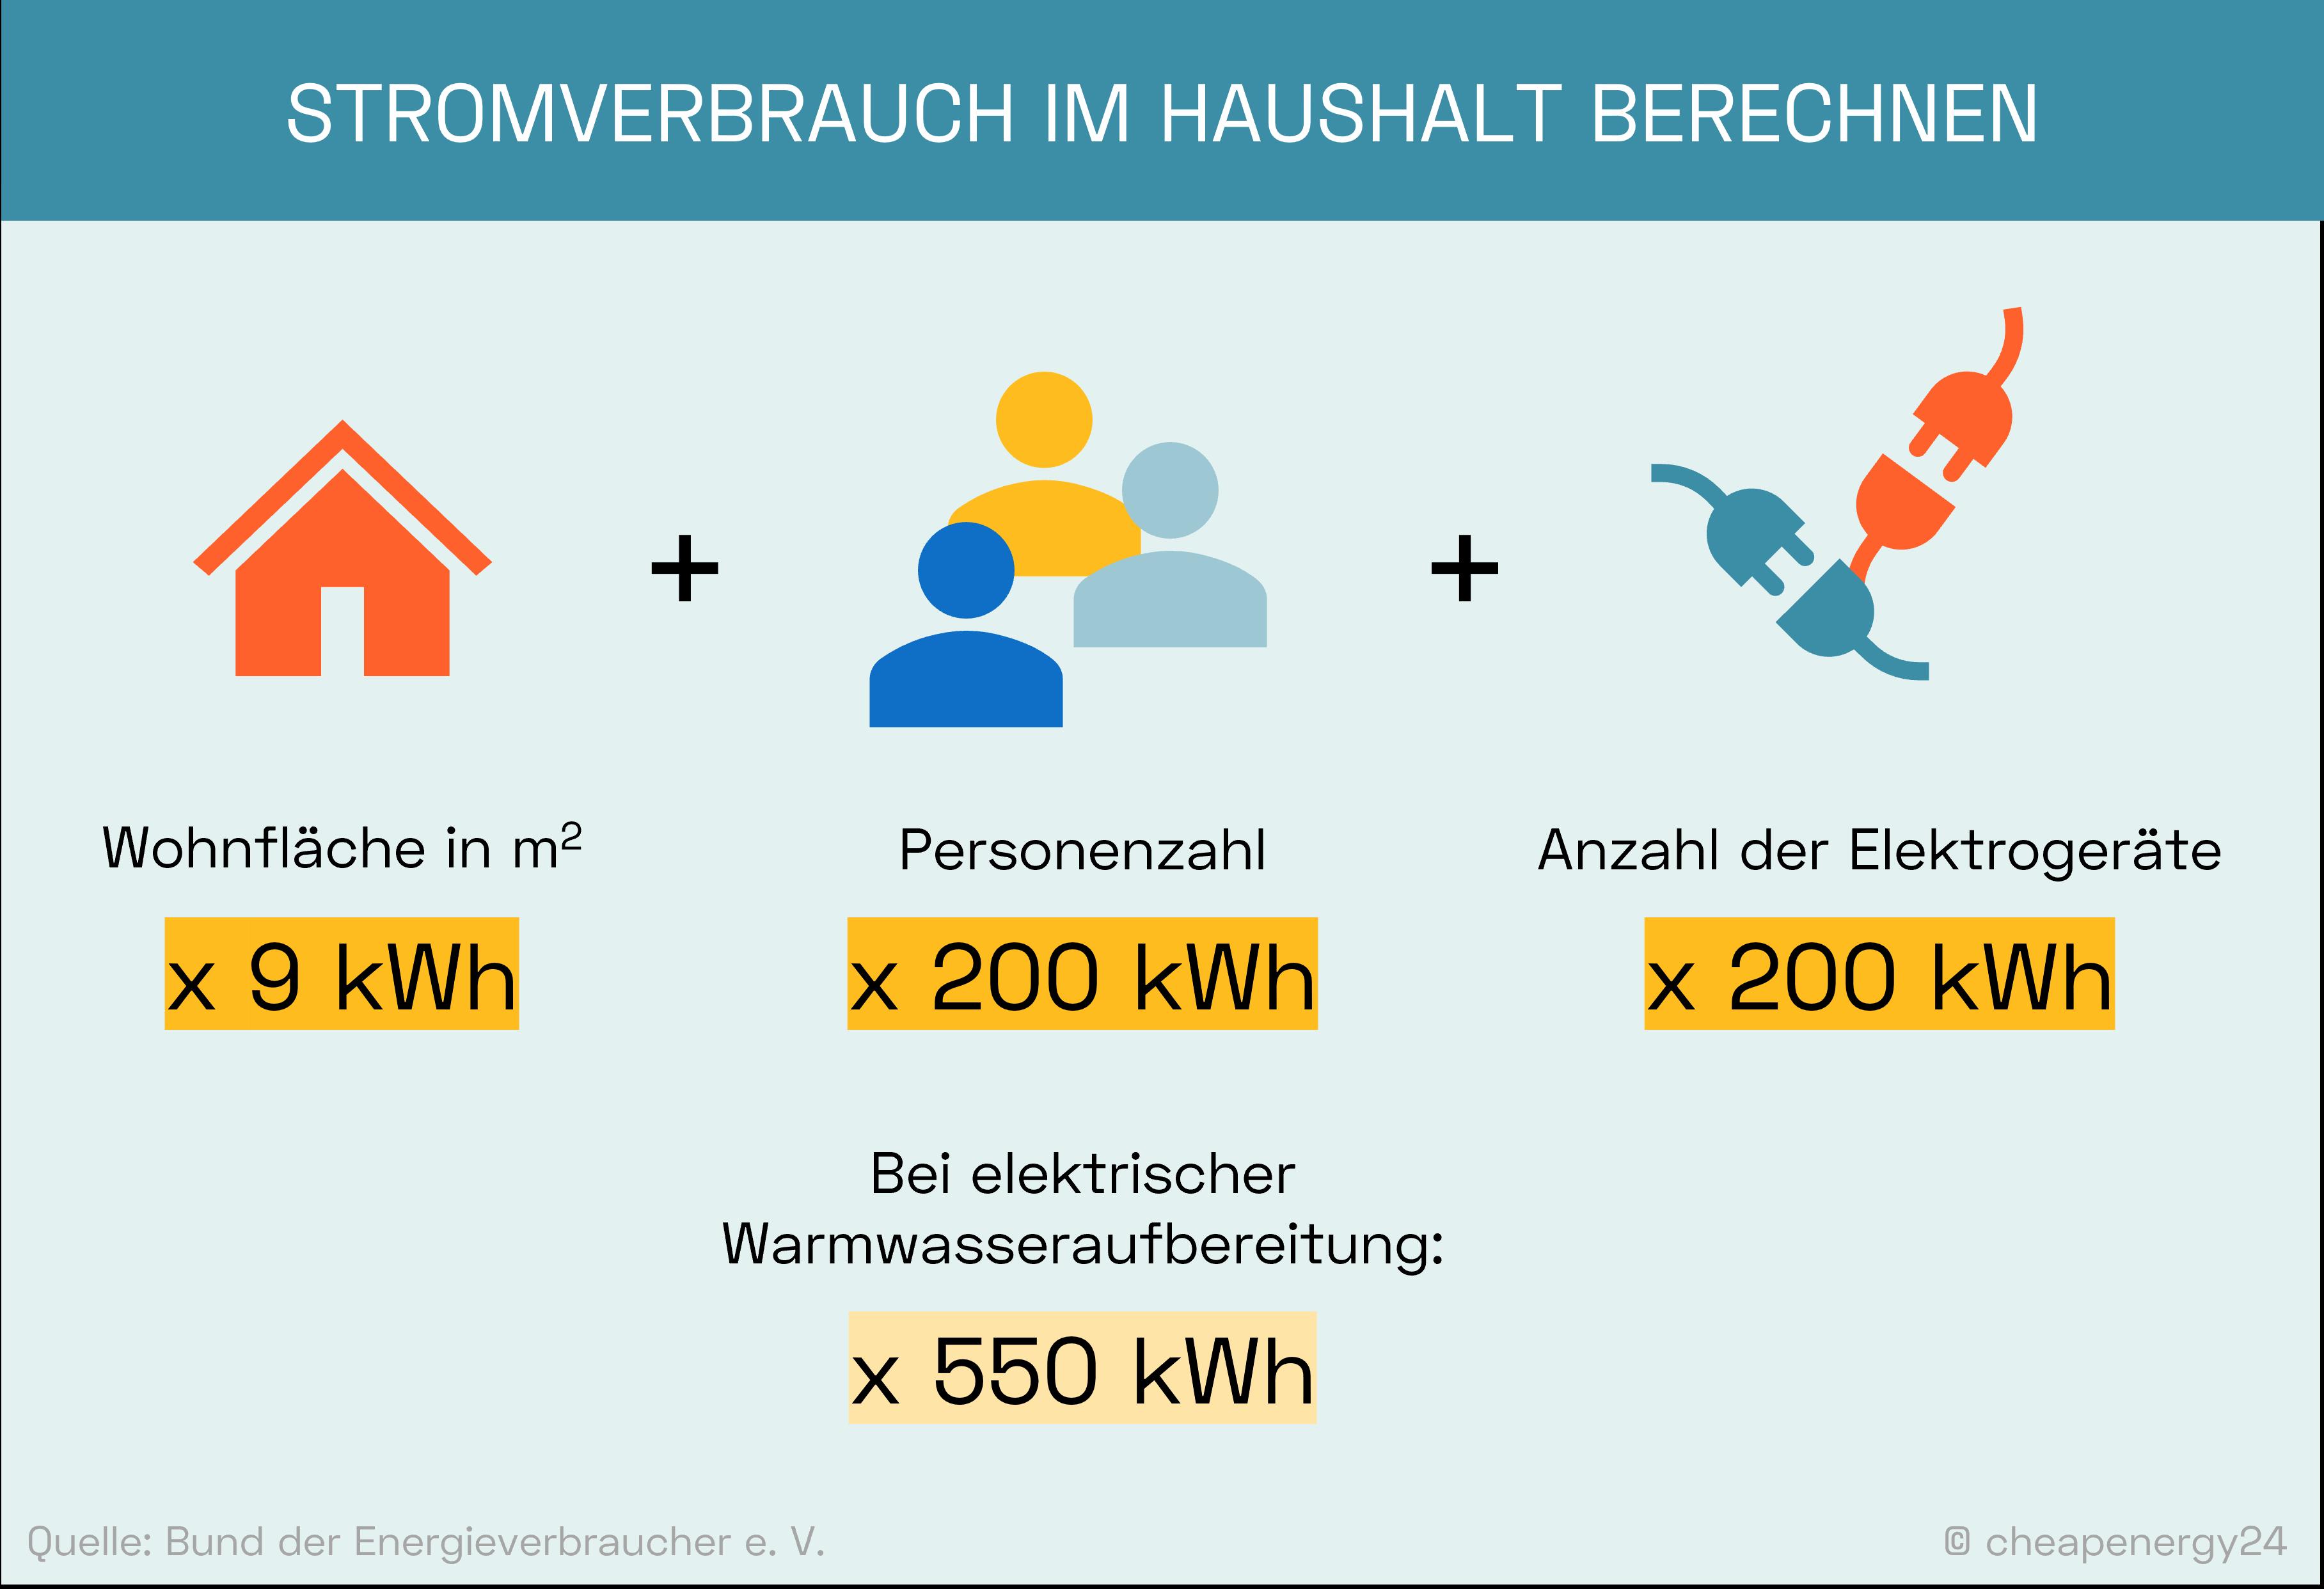 Stromverbrauch berechnen im Haushalt